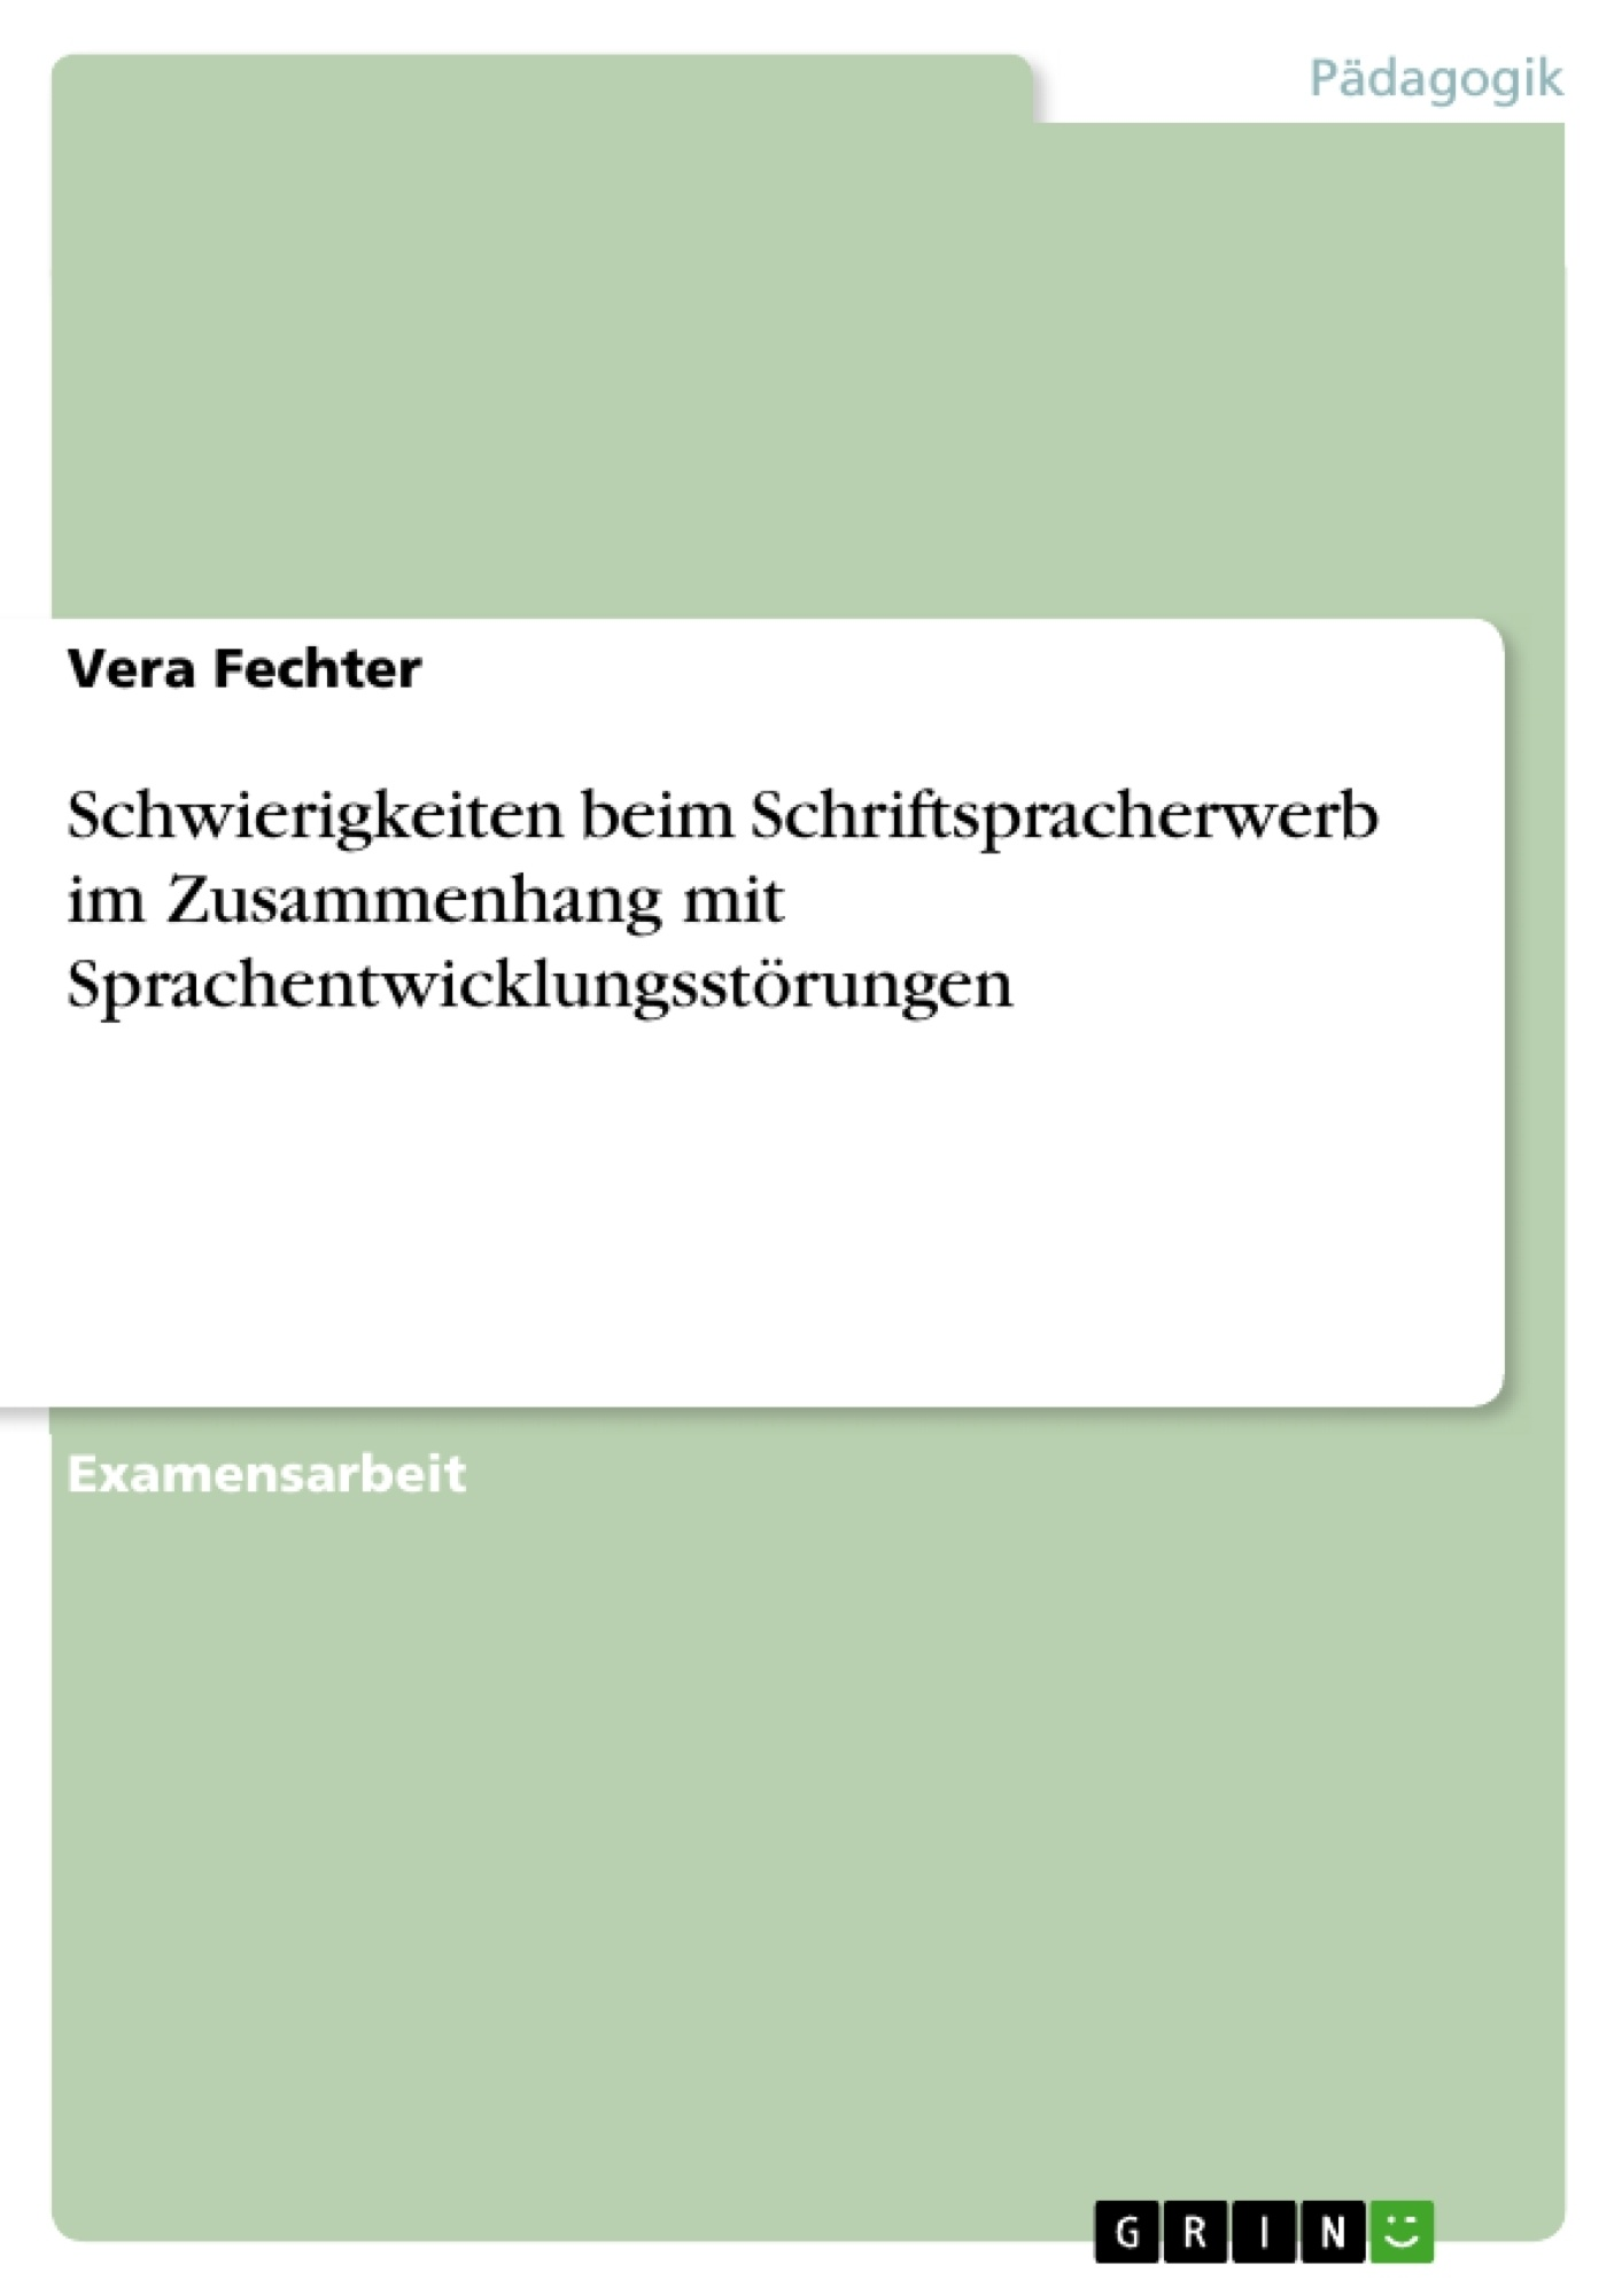 Titel: Schwierigkeiten beim Schriftspracherwerb im Zusammenhang mit Sprachentwicklungsstörungen